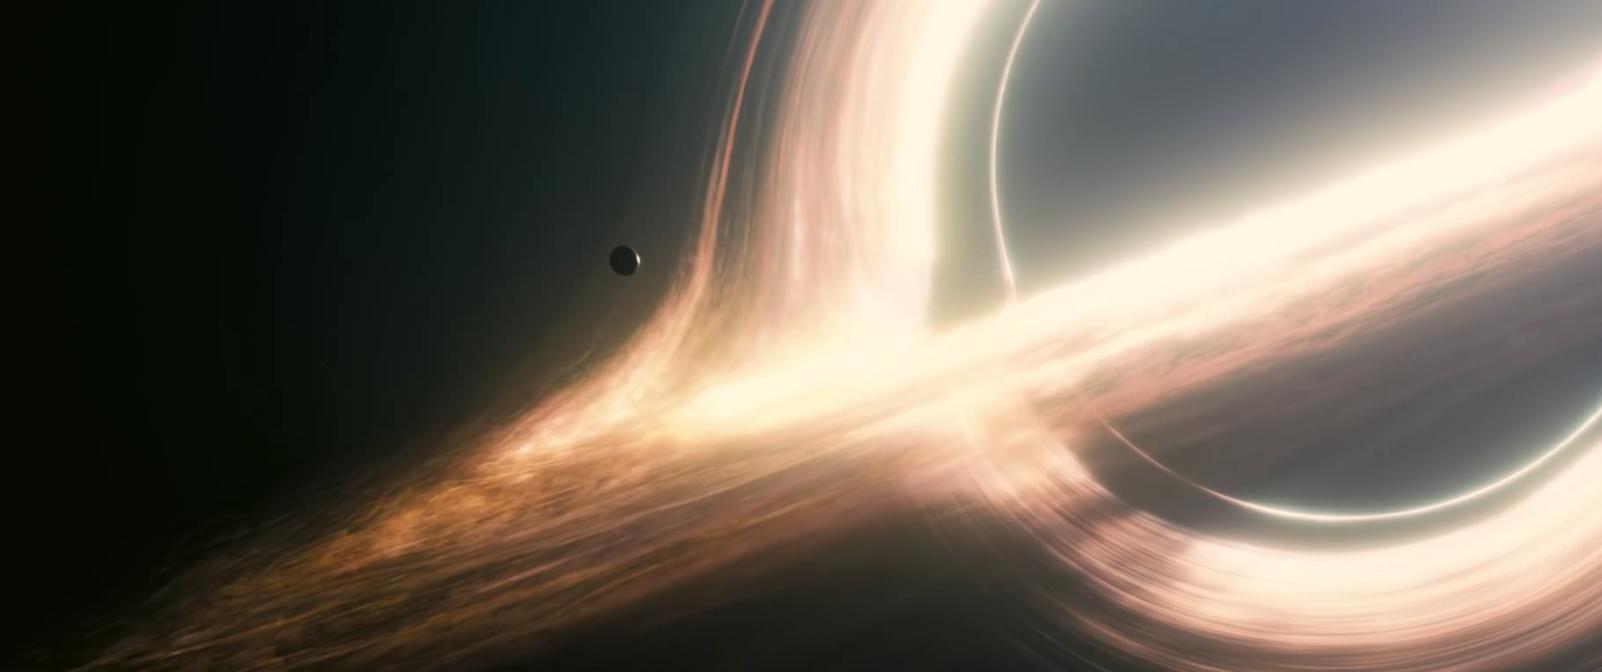 Post-interstellar_holy_shit_shot.0.png